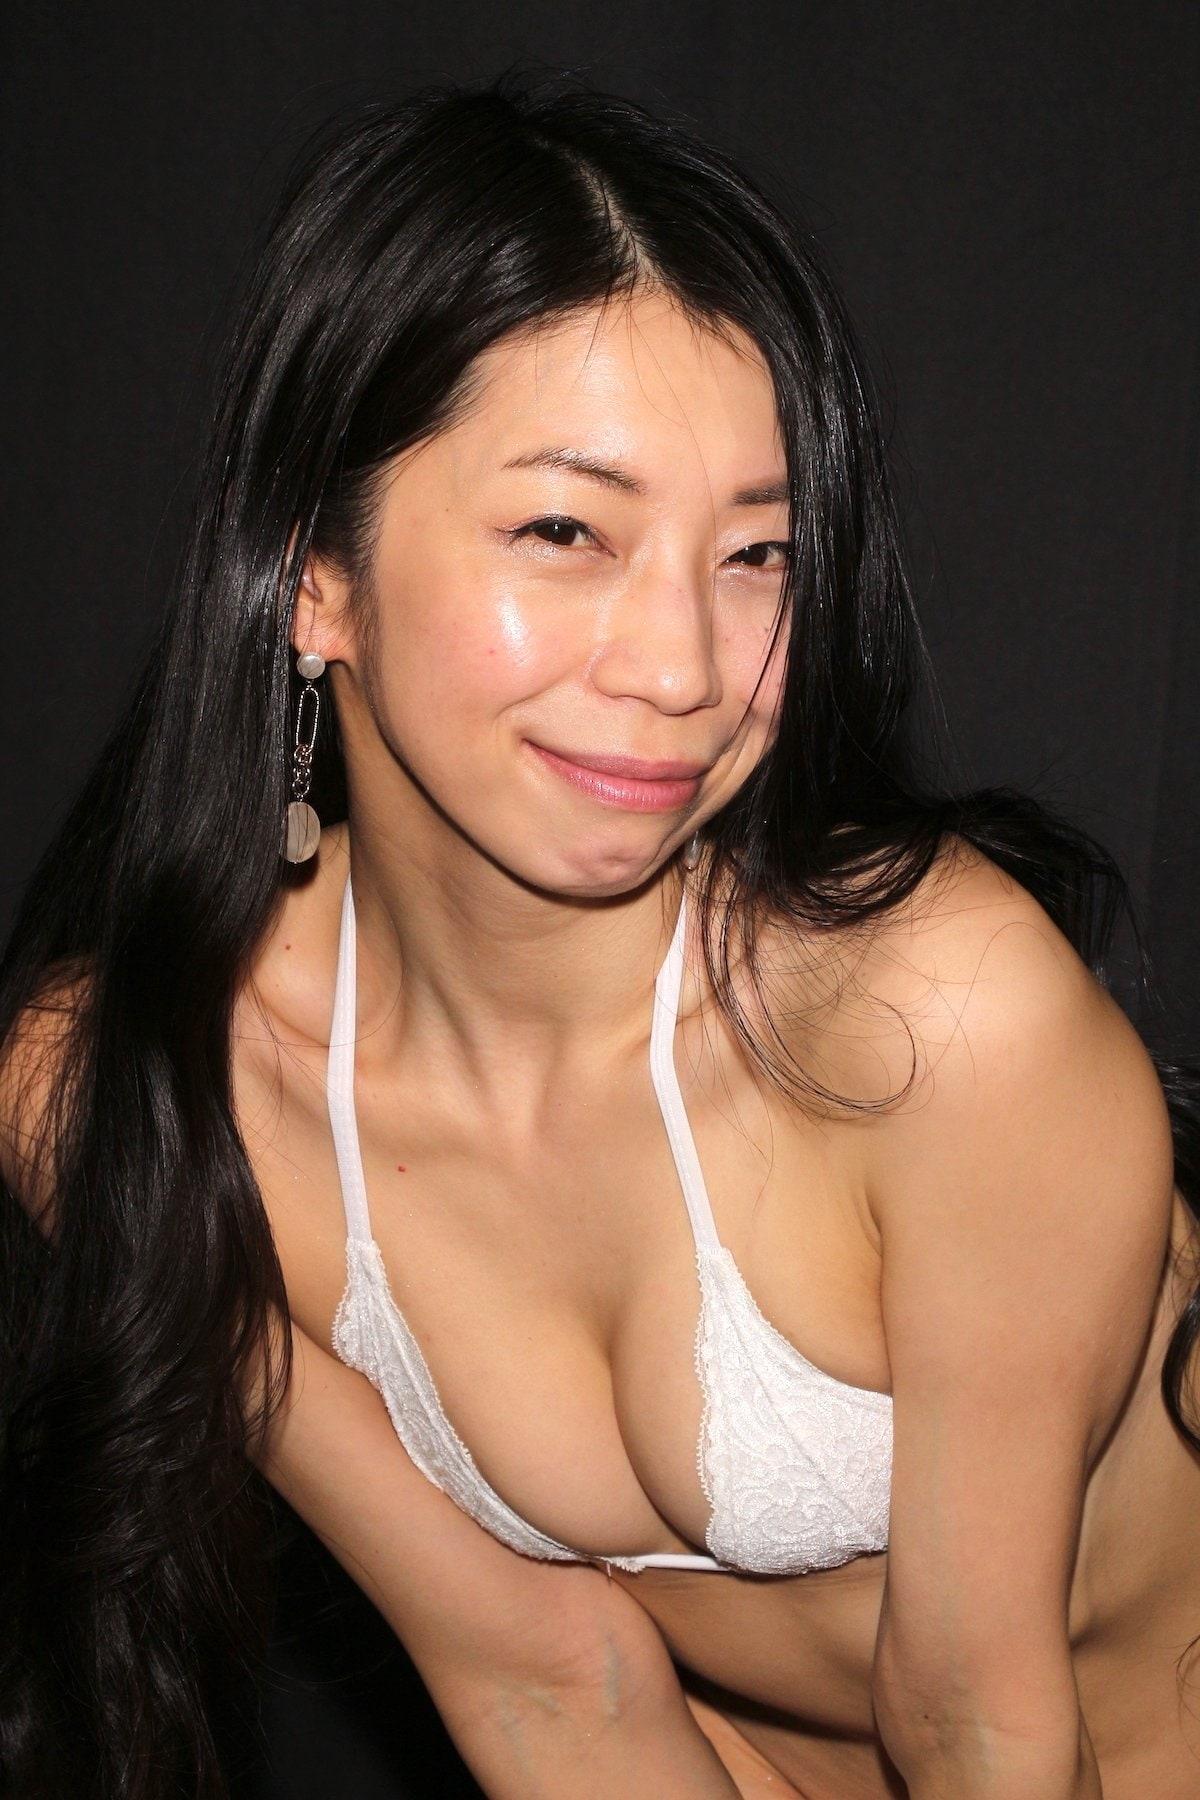 岩崎真奈「ベンチの縁にこすったり」私史上最高にセクシー【画像50枚】の画像032